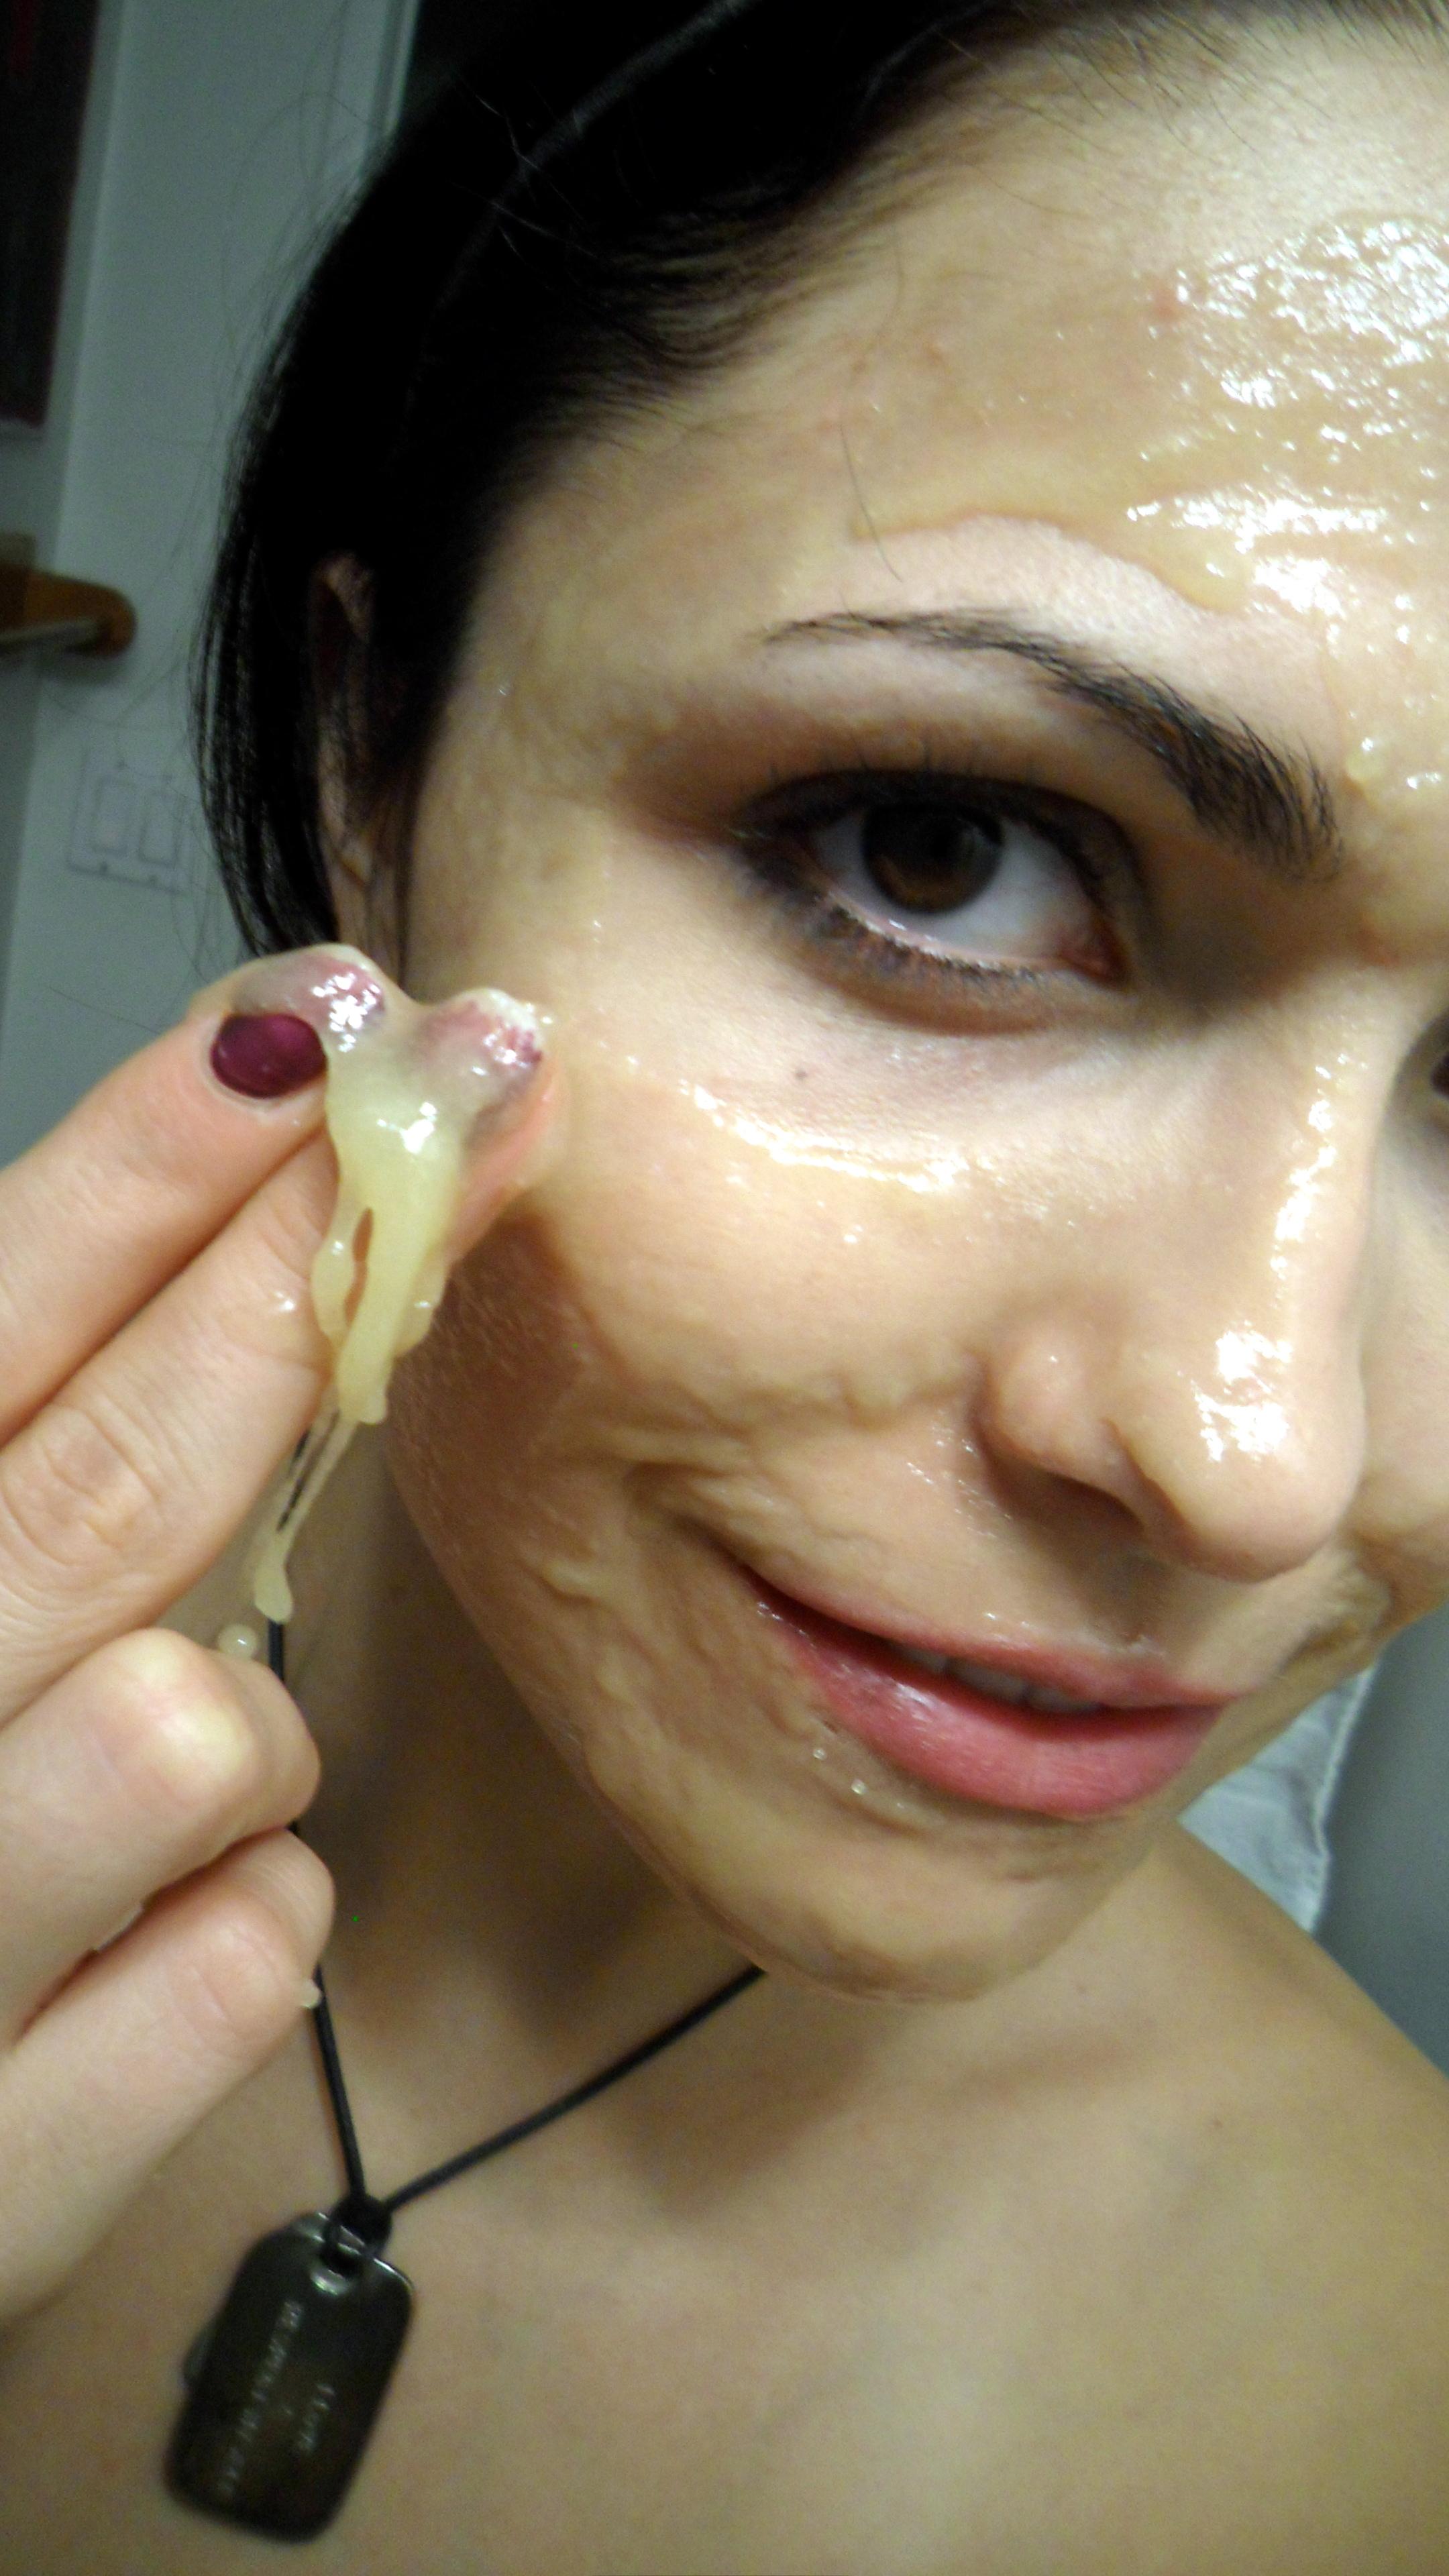 tara patrick female porn stars